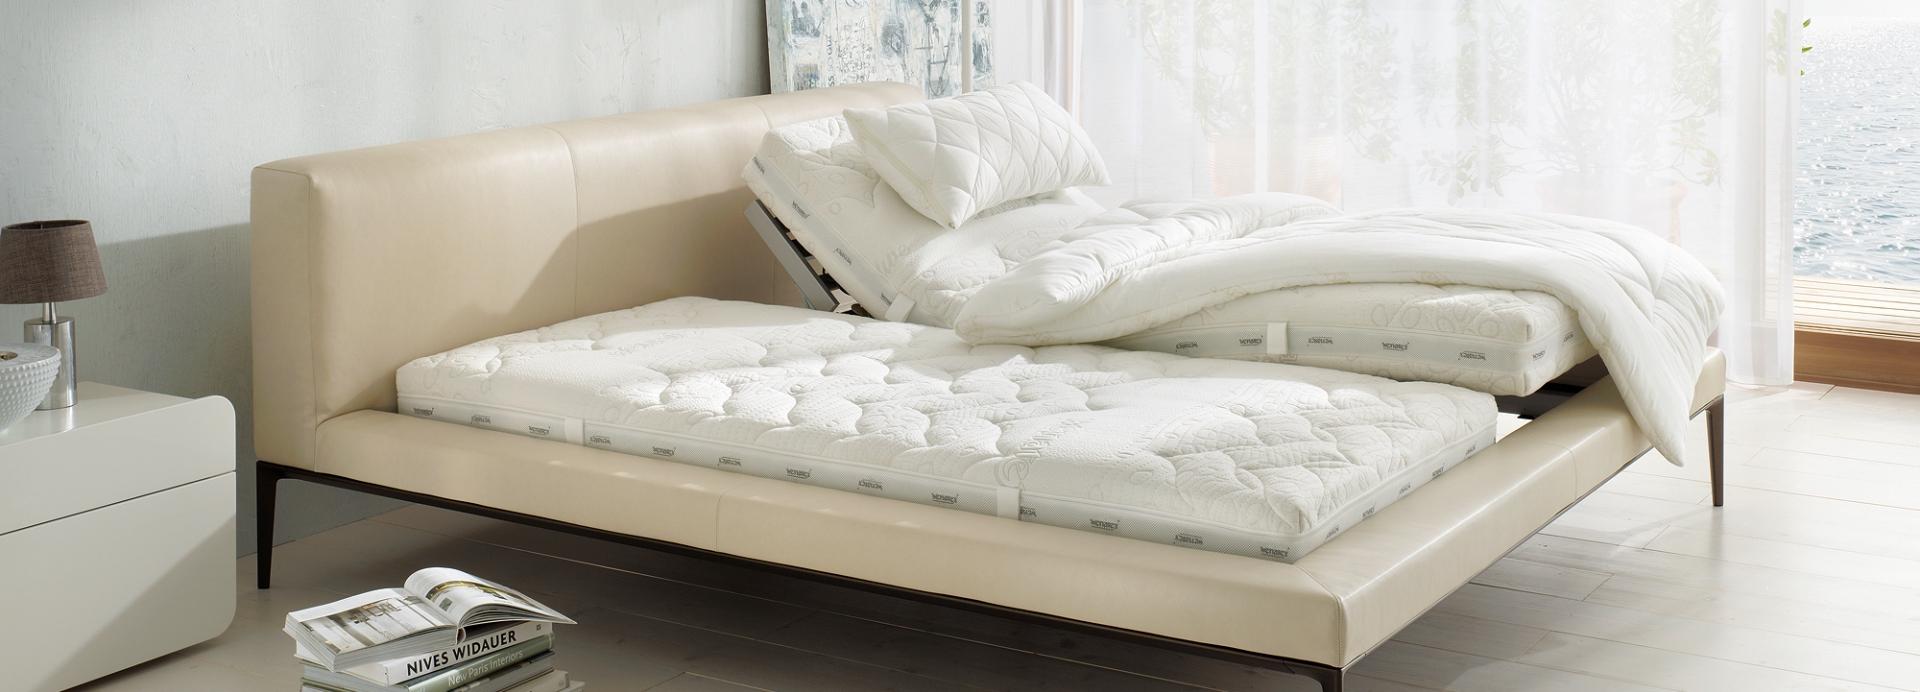 Bett mit dem Wenatex Schlafsystem